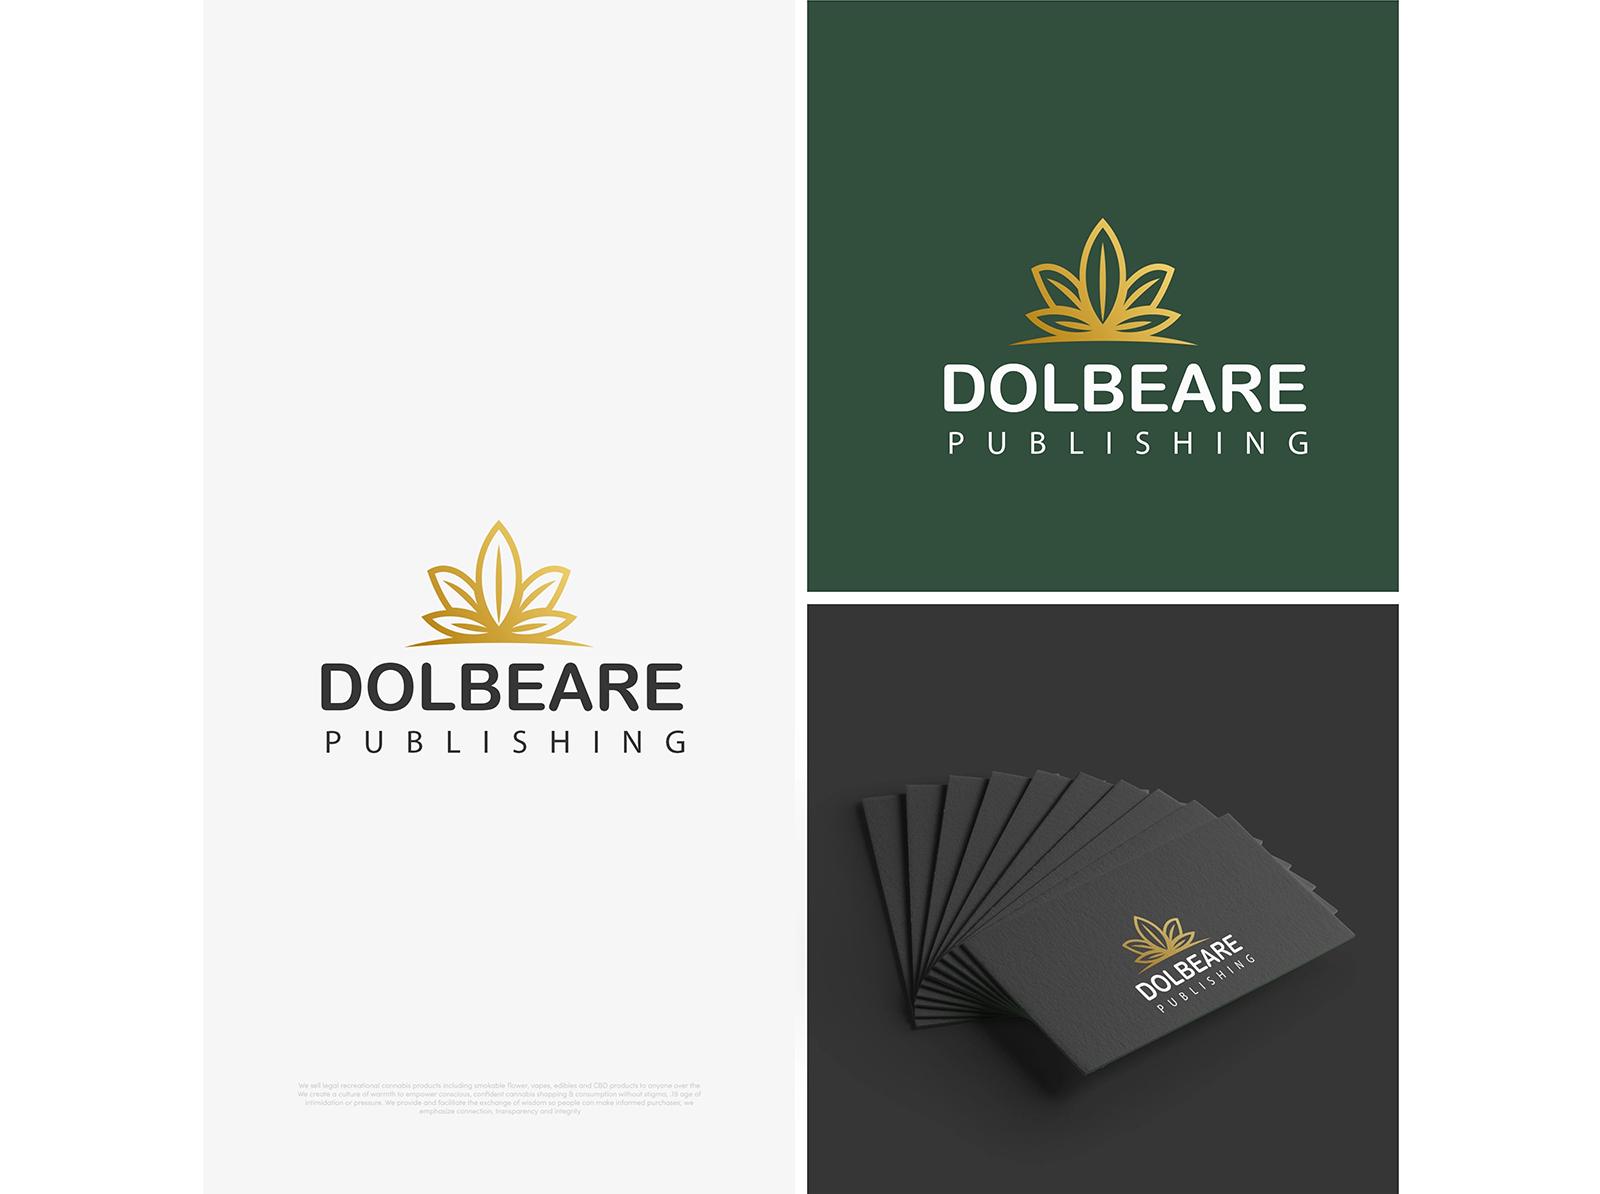 I will design a minimalist mono-line logo design